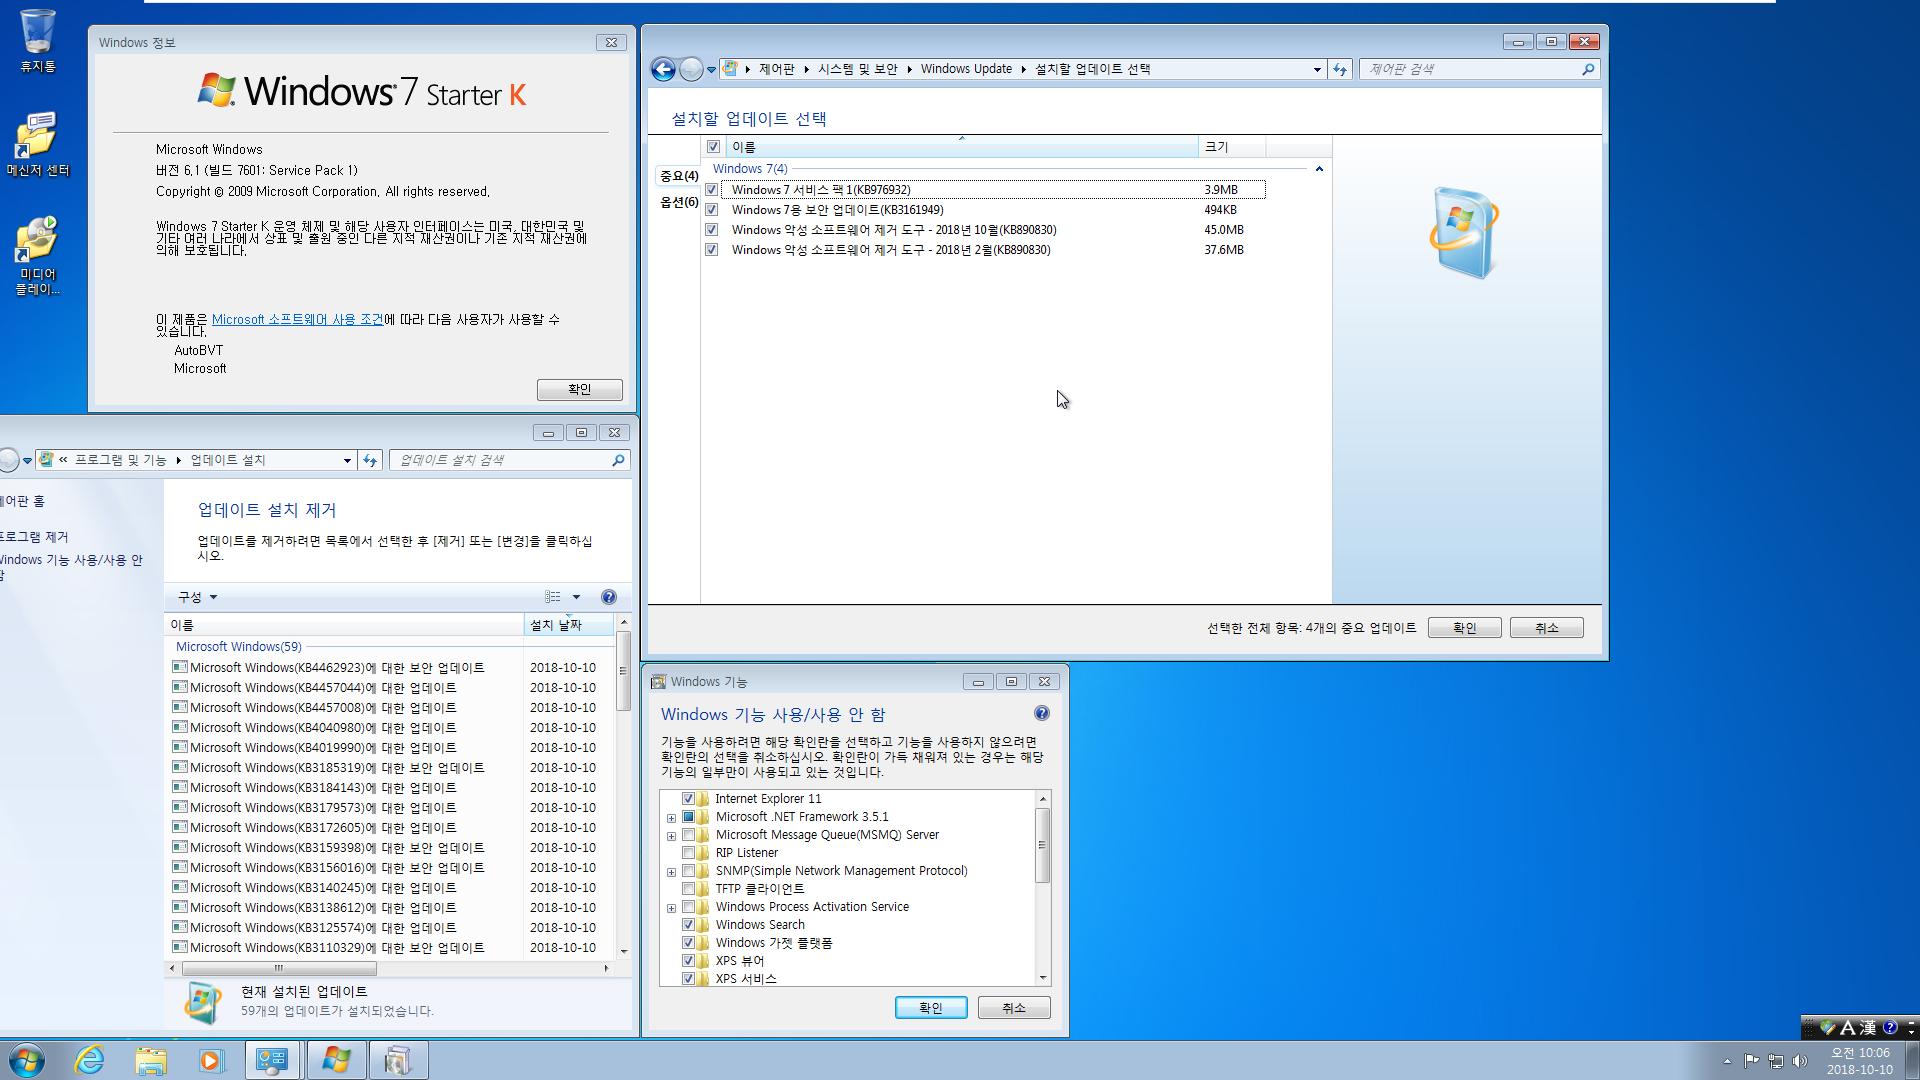 2018년 10월 10일 정기 업데이트 나왔네요 - Windows 7 롤업 업데이트 KB4462923 (OS 빌드 7601.24263) IE11 통합중 입니다 2018-10-10_100627.png